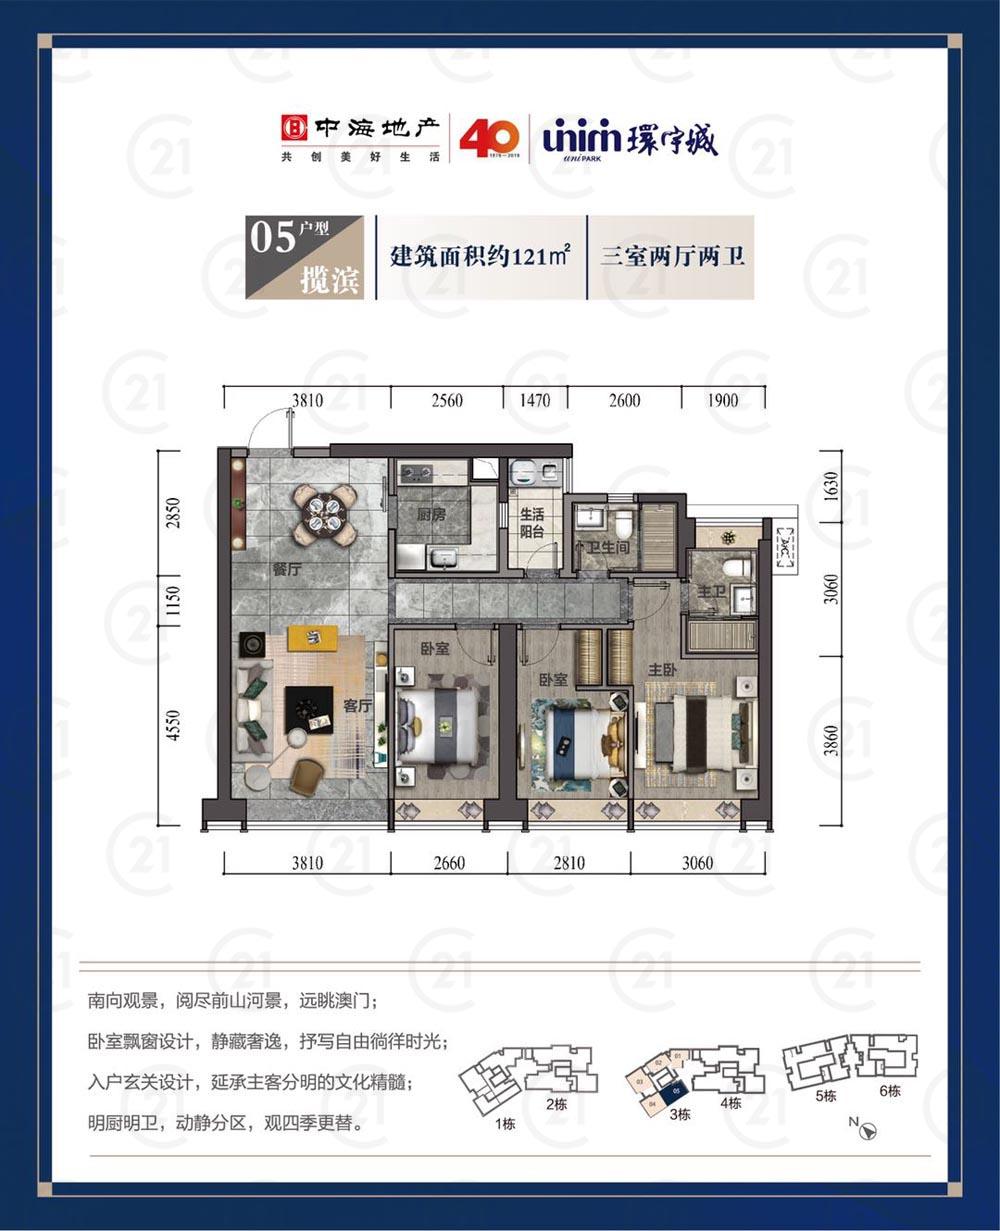 5中海环宇城-微信图片_20190603160600